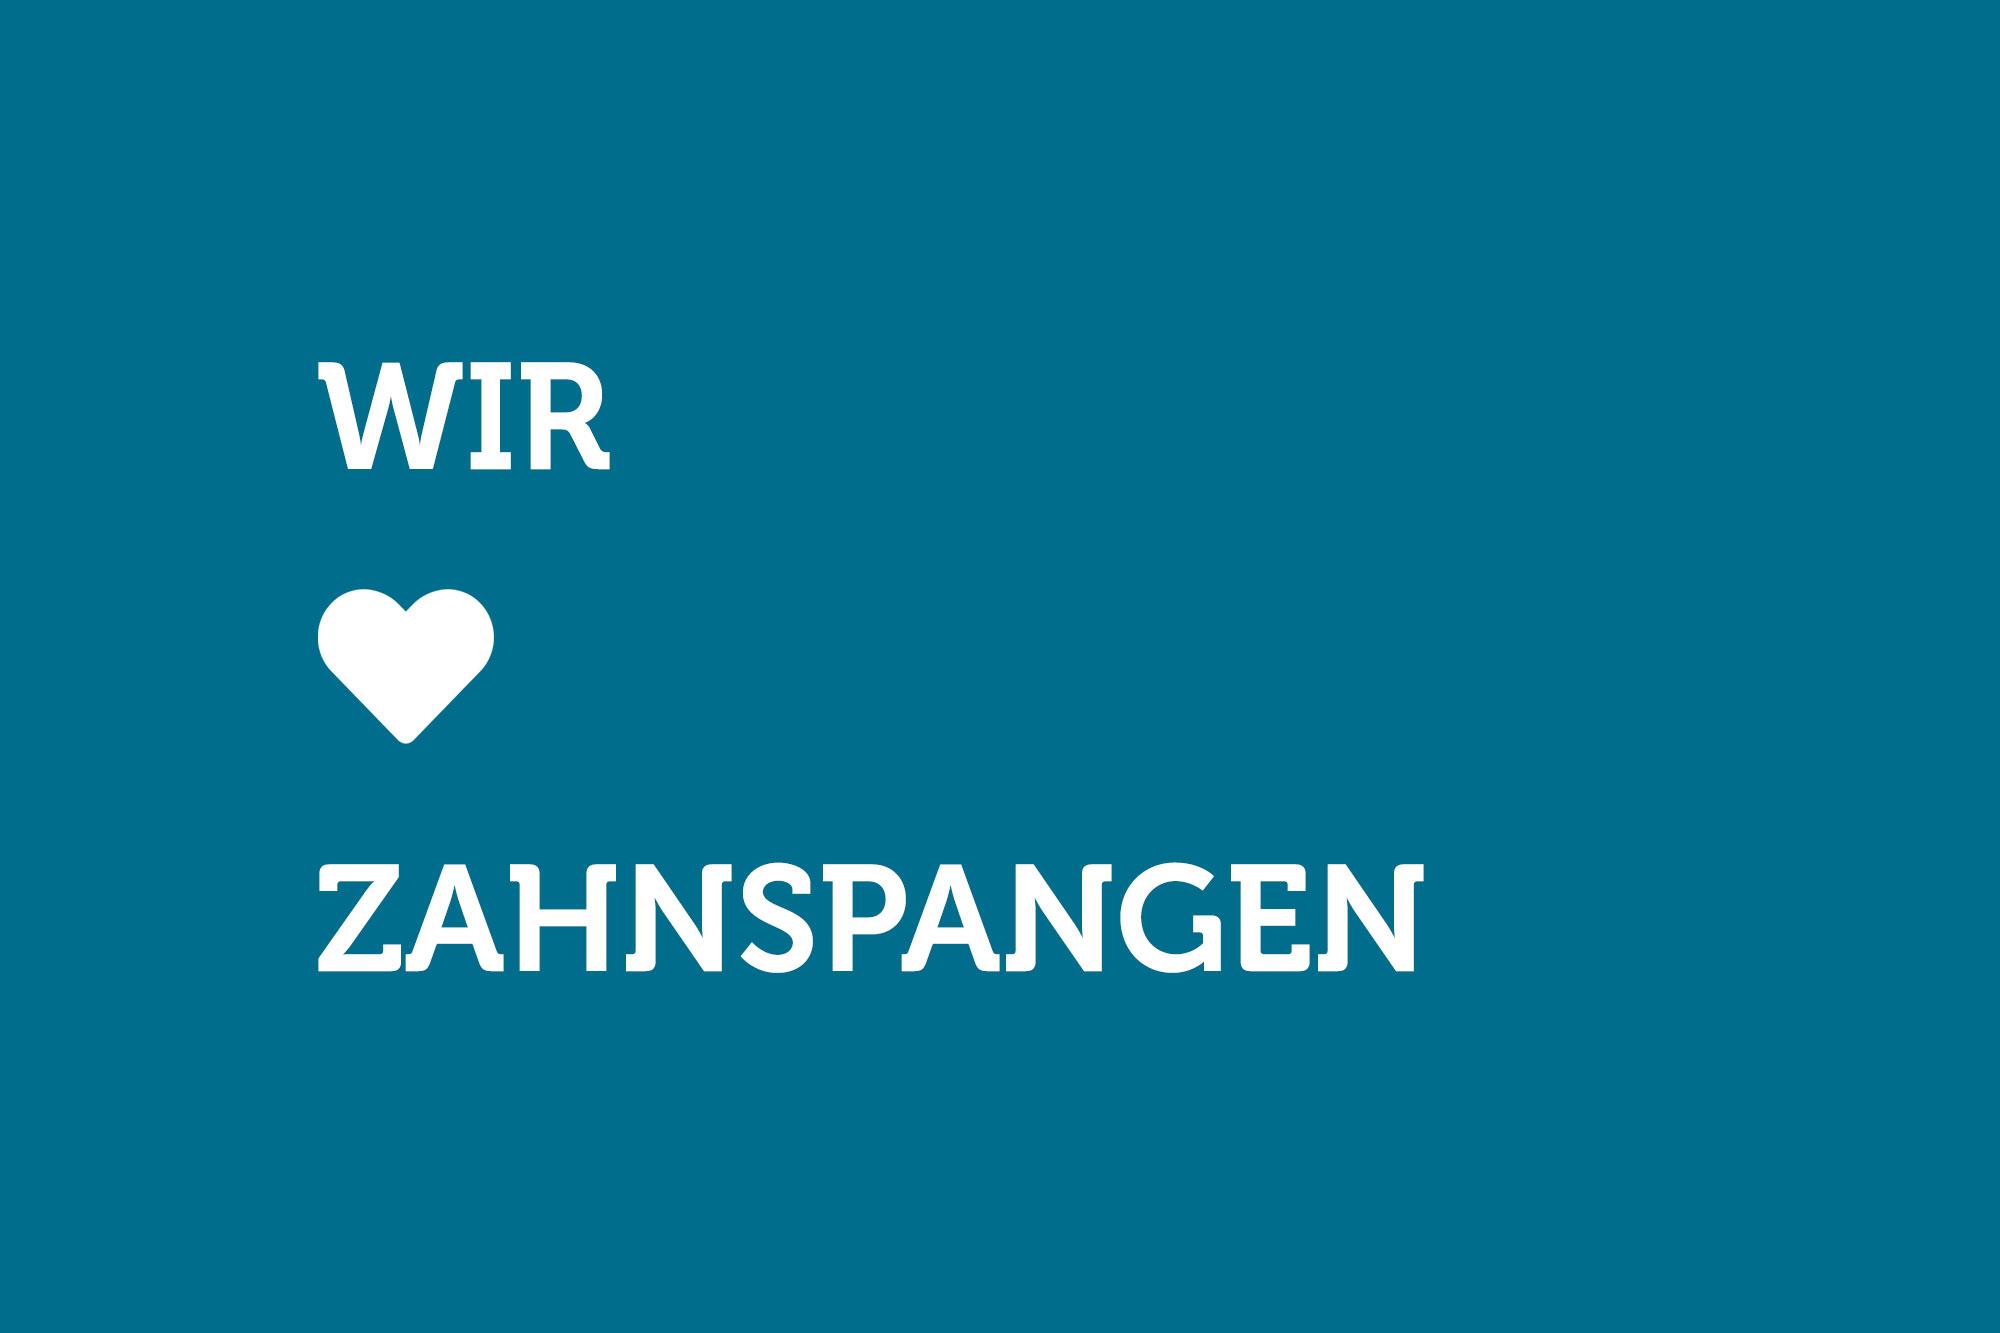 Wir lieben Zahnspangen: Kieferorthopädie Dr. Theresa Jilek Wolfratshausen